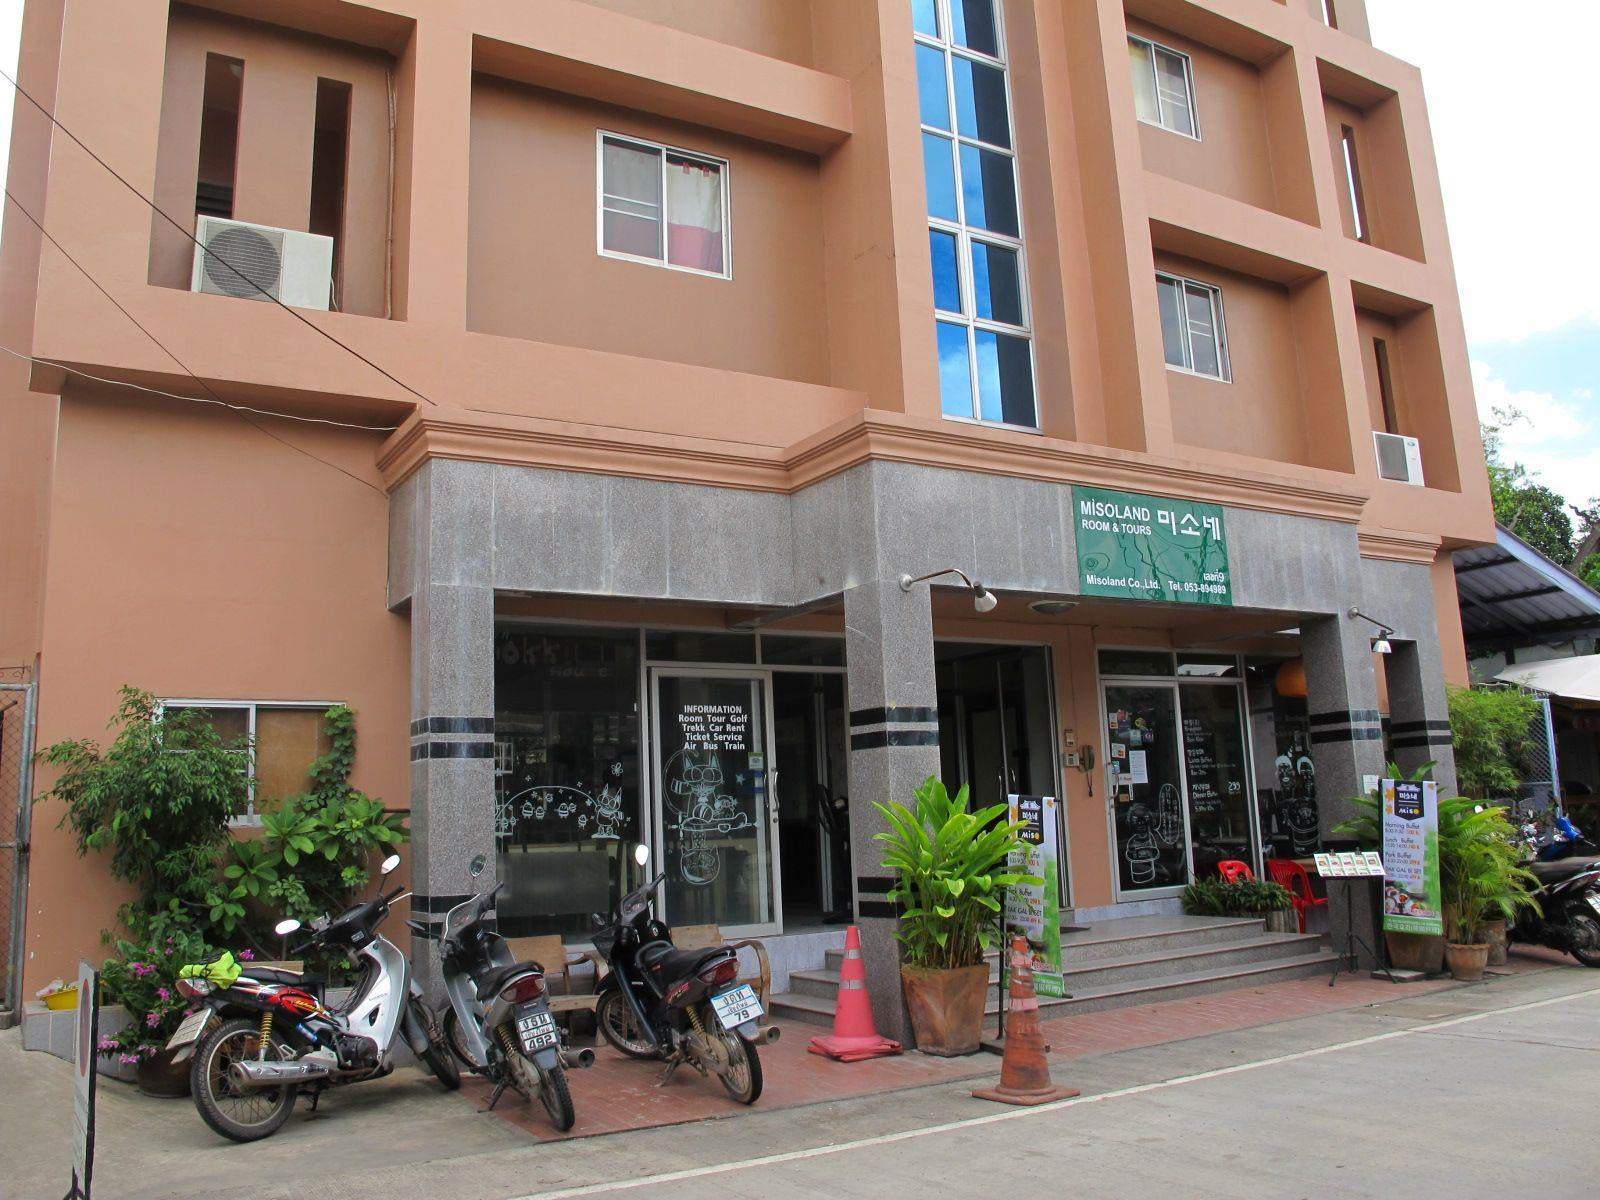 Misone Hotel